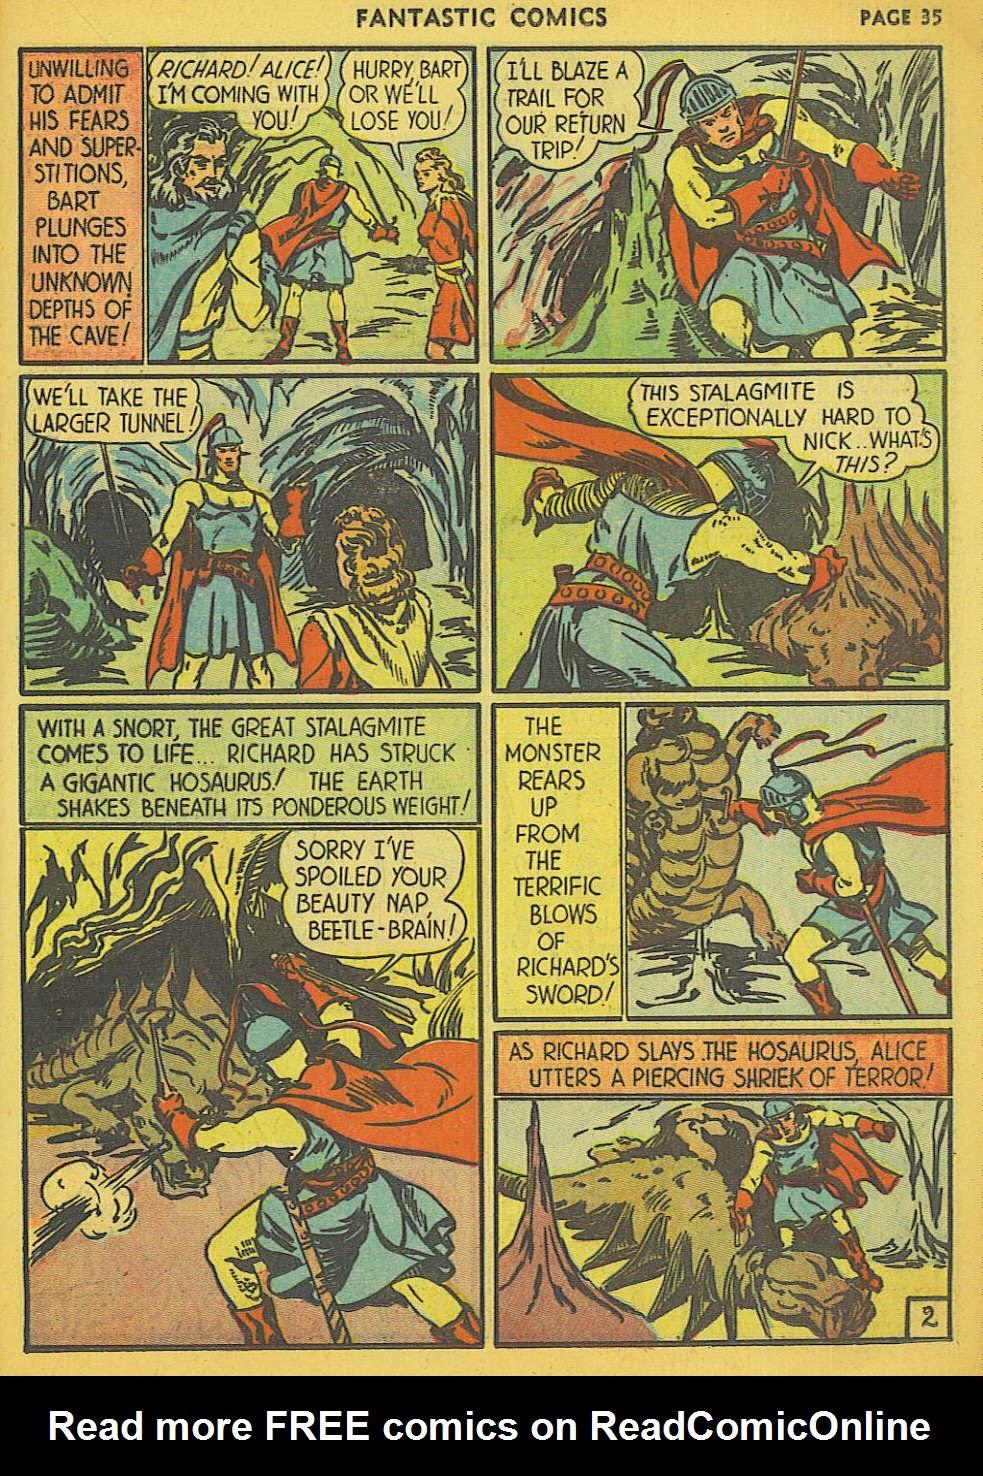 Read online Fantastic Comics comic -  Issue #15 - 28